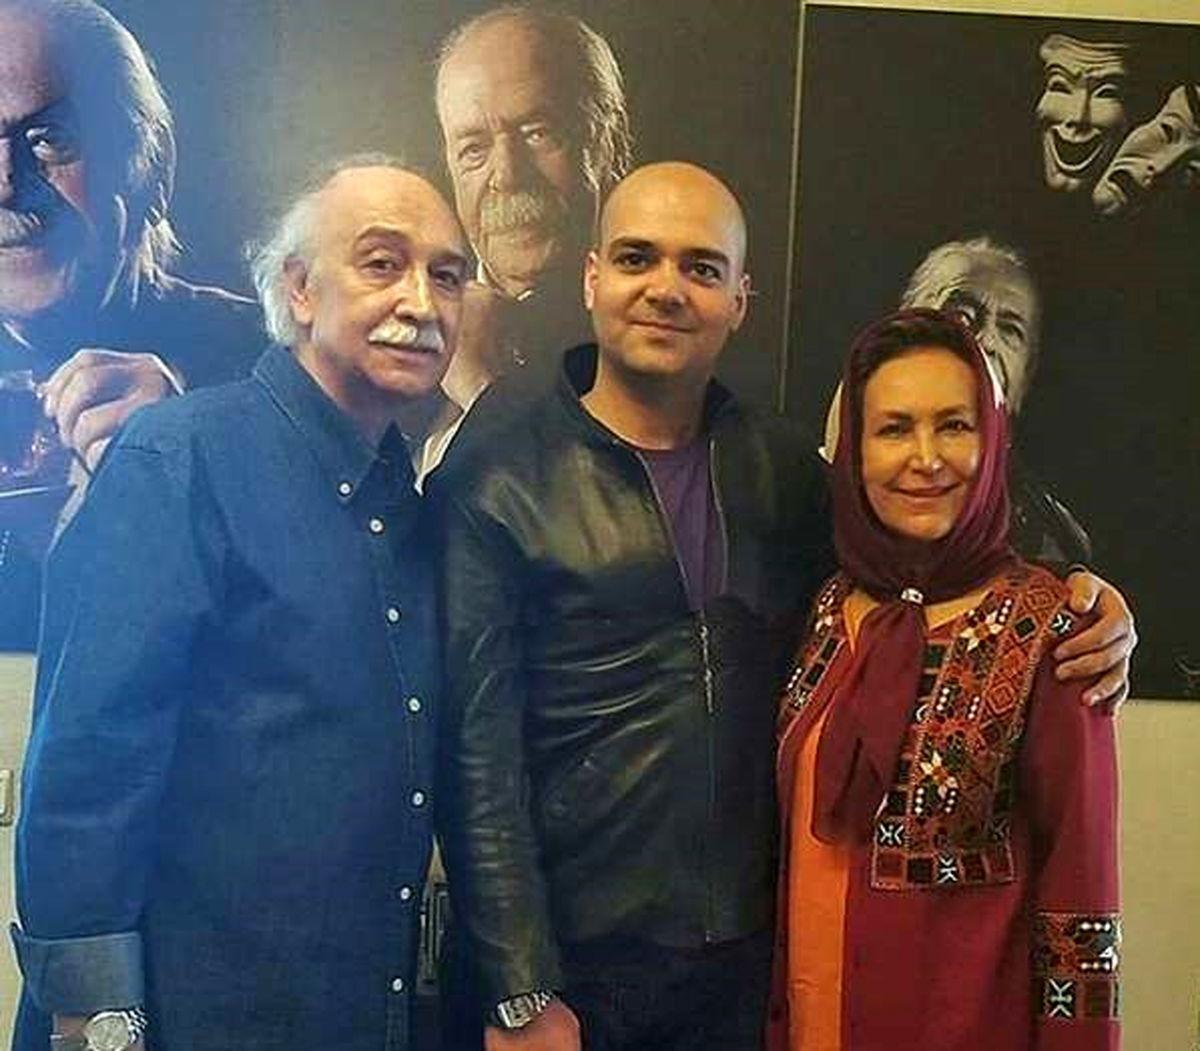 عکس جنجالی مهوش صبر کن در کنار همسرش محمود پاک نیت